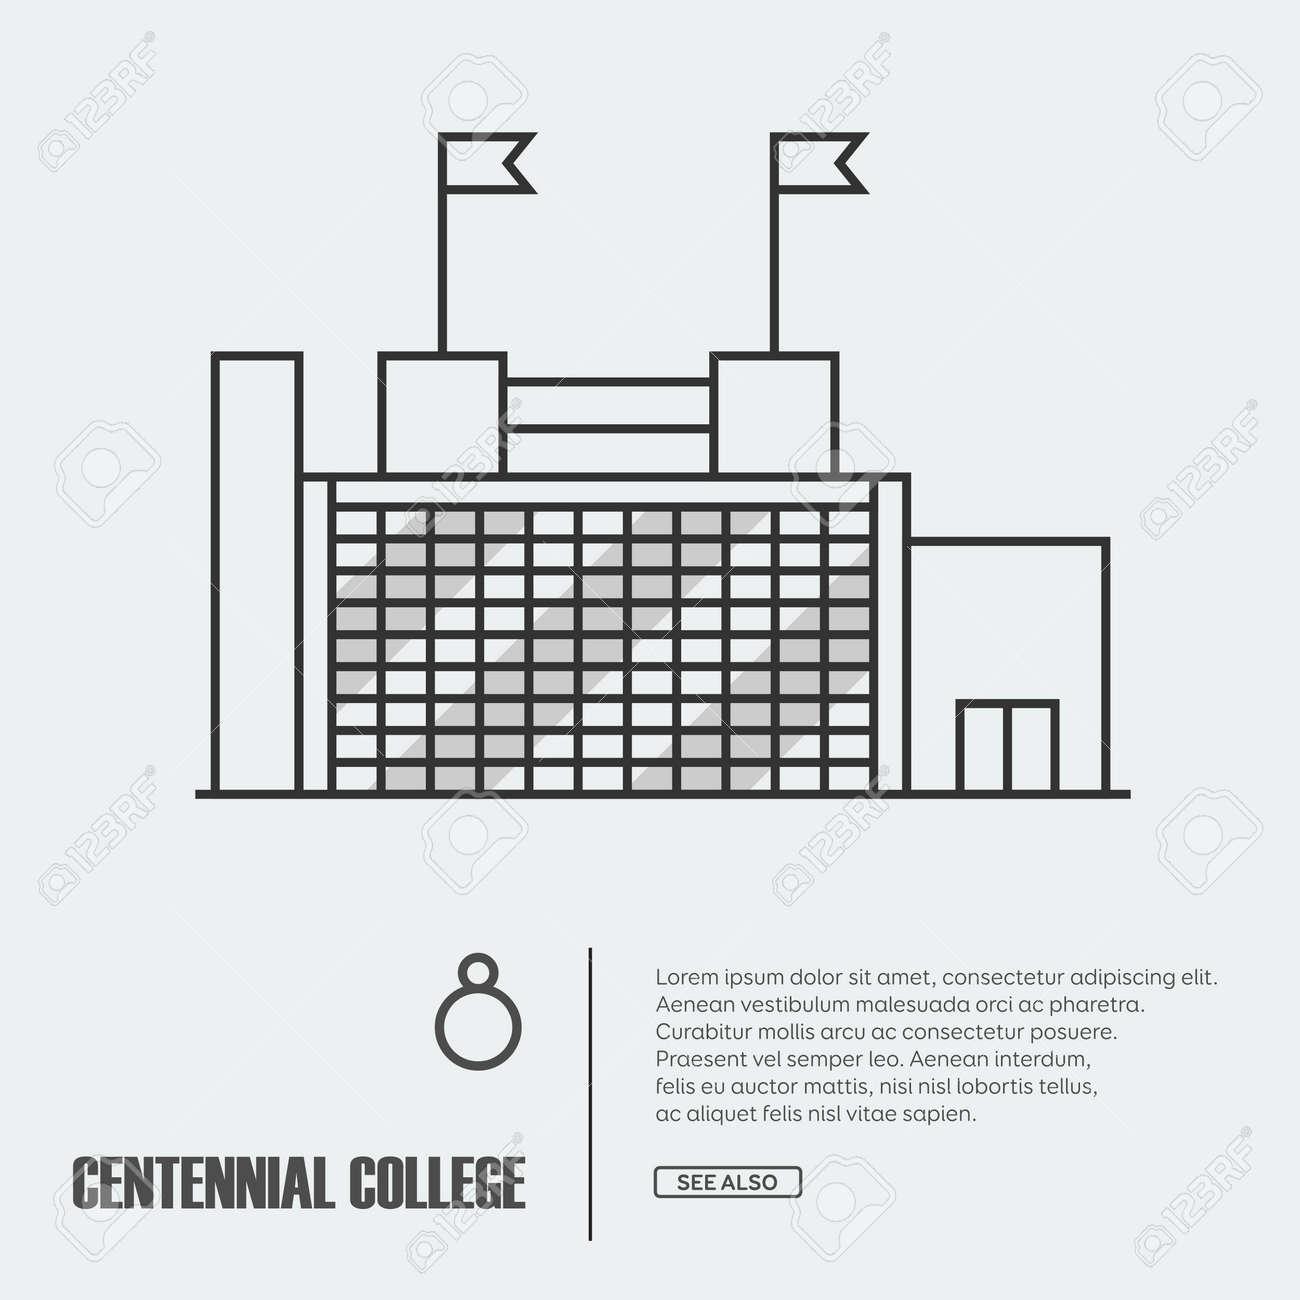 Coloriage Adulte Batiments.Illustration De Contour De Vecteur De La Facade Du Batiment Livre A